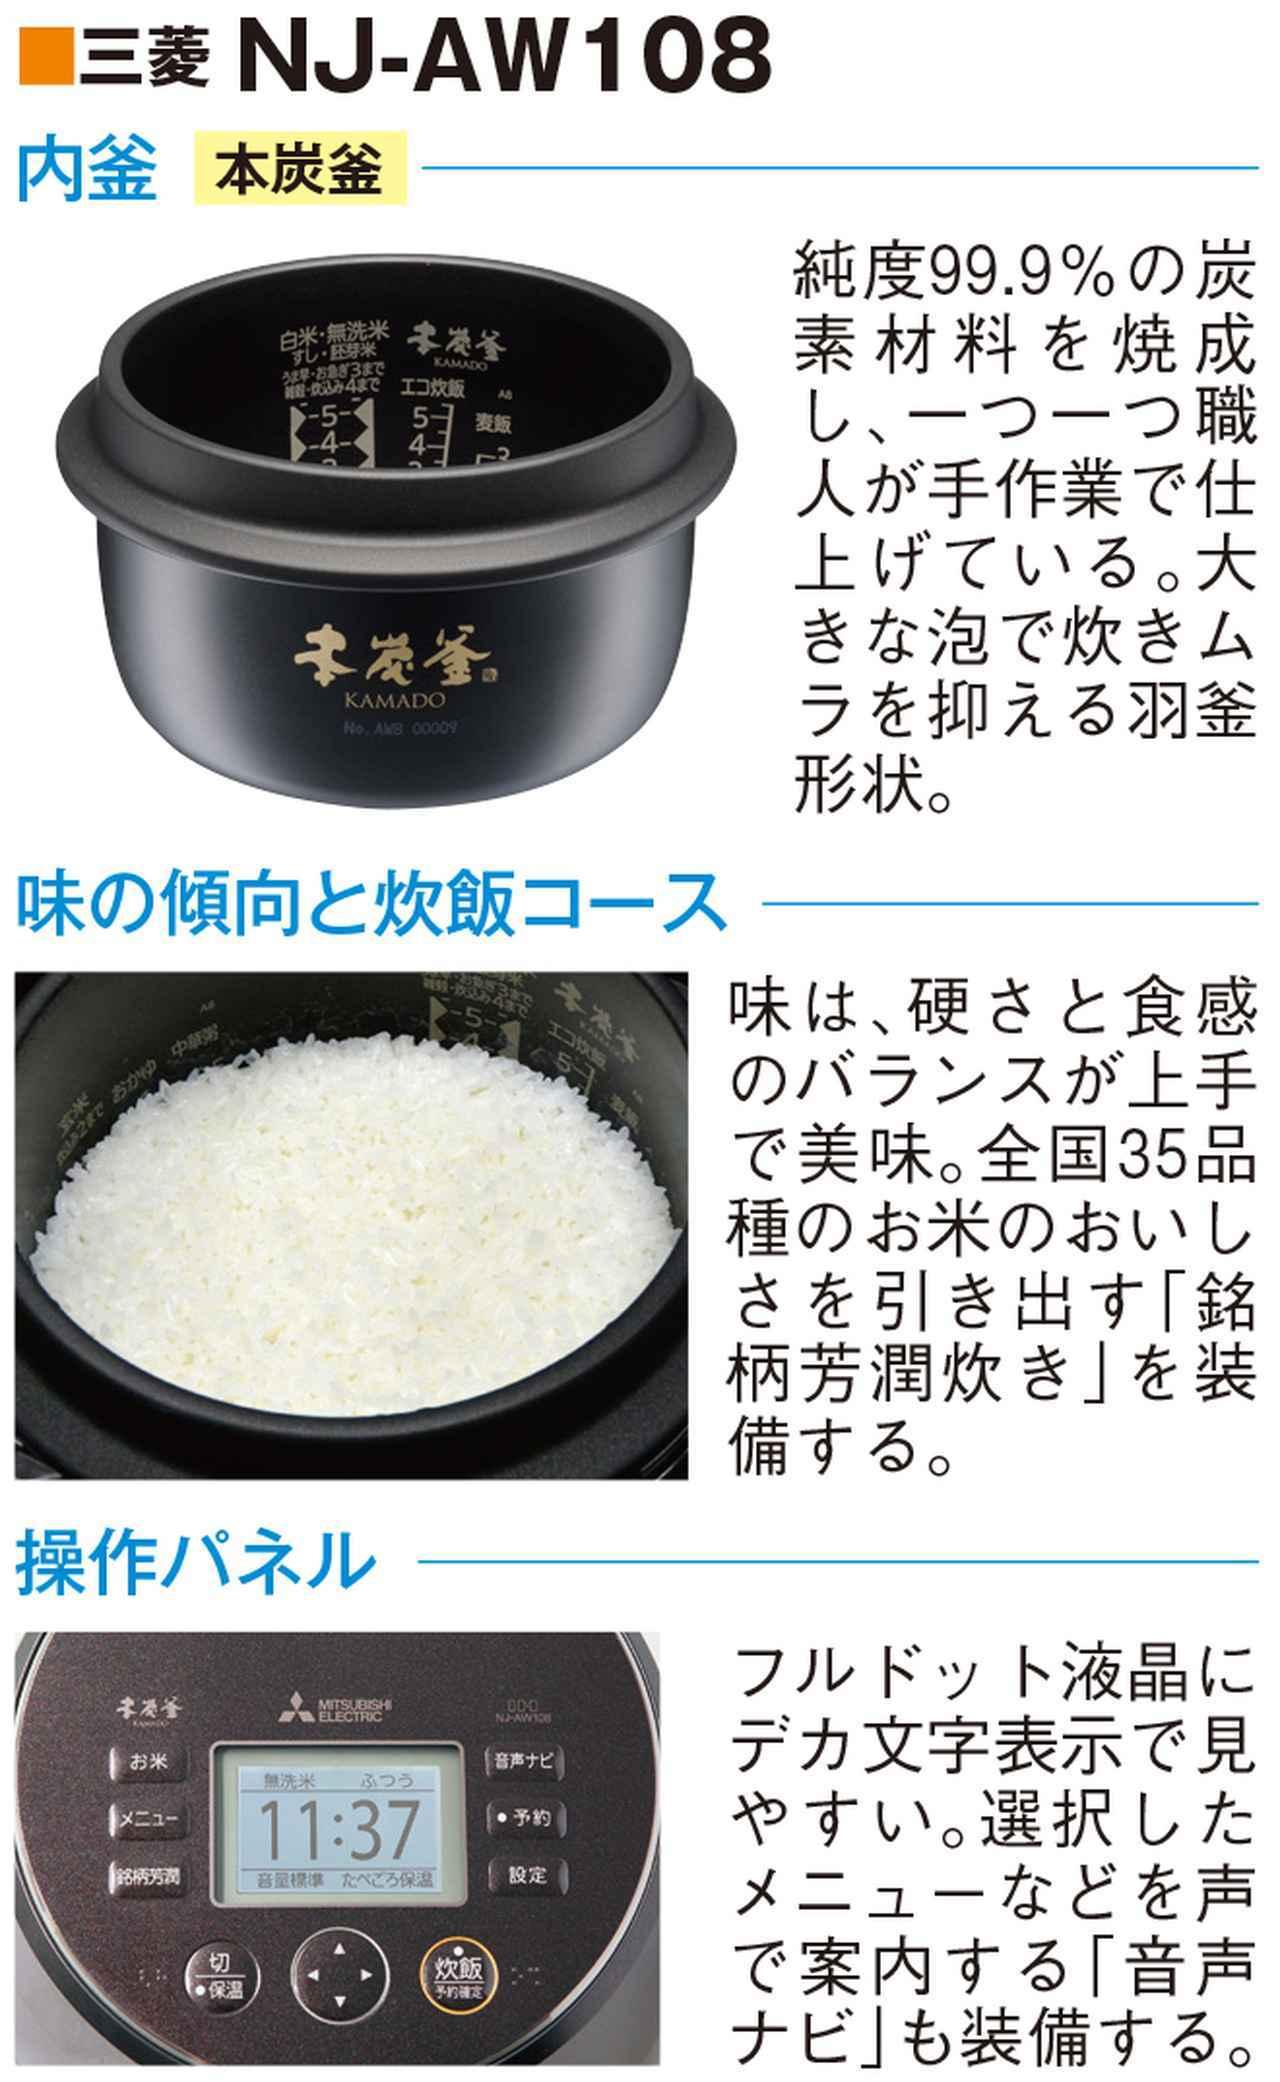 画像7: うまいIH炊飯器を探せ! 内釜や炊飯コースなど、持ち味を見極めよ!